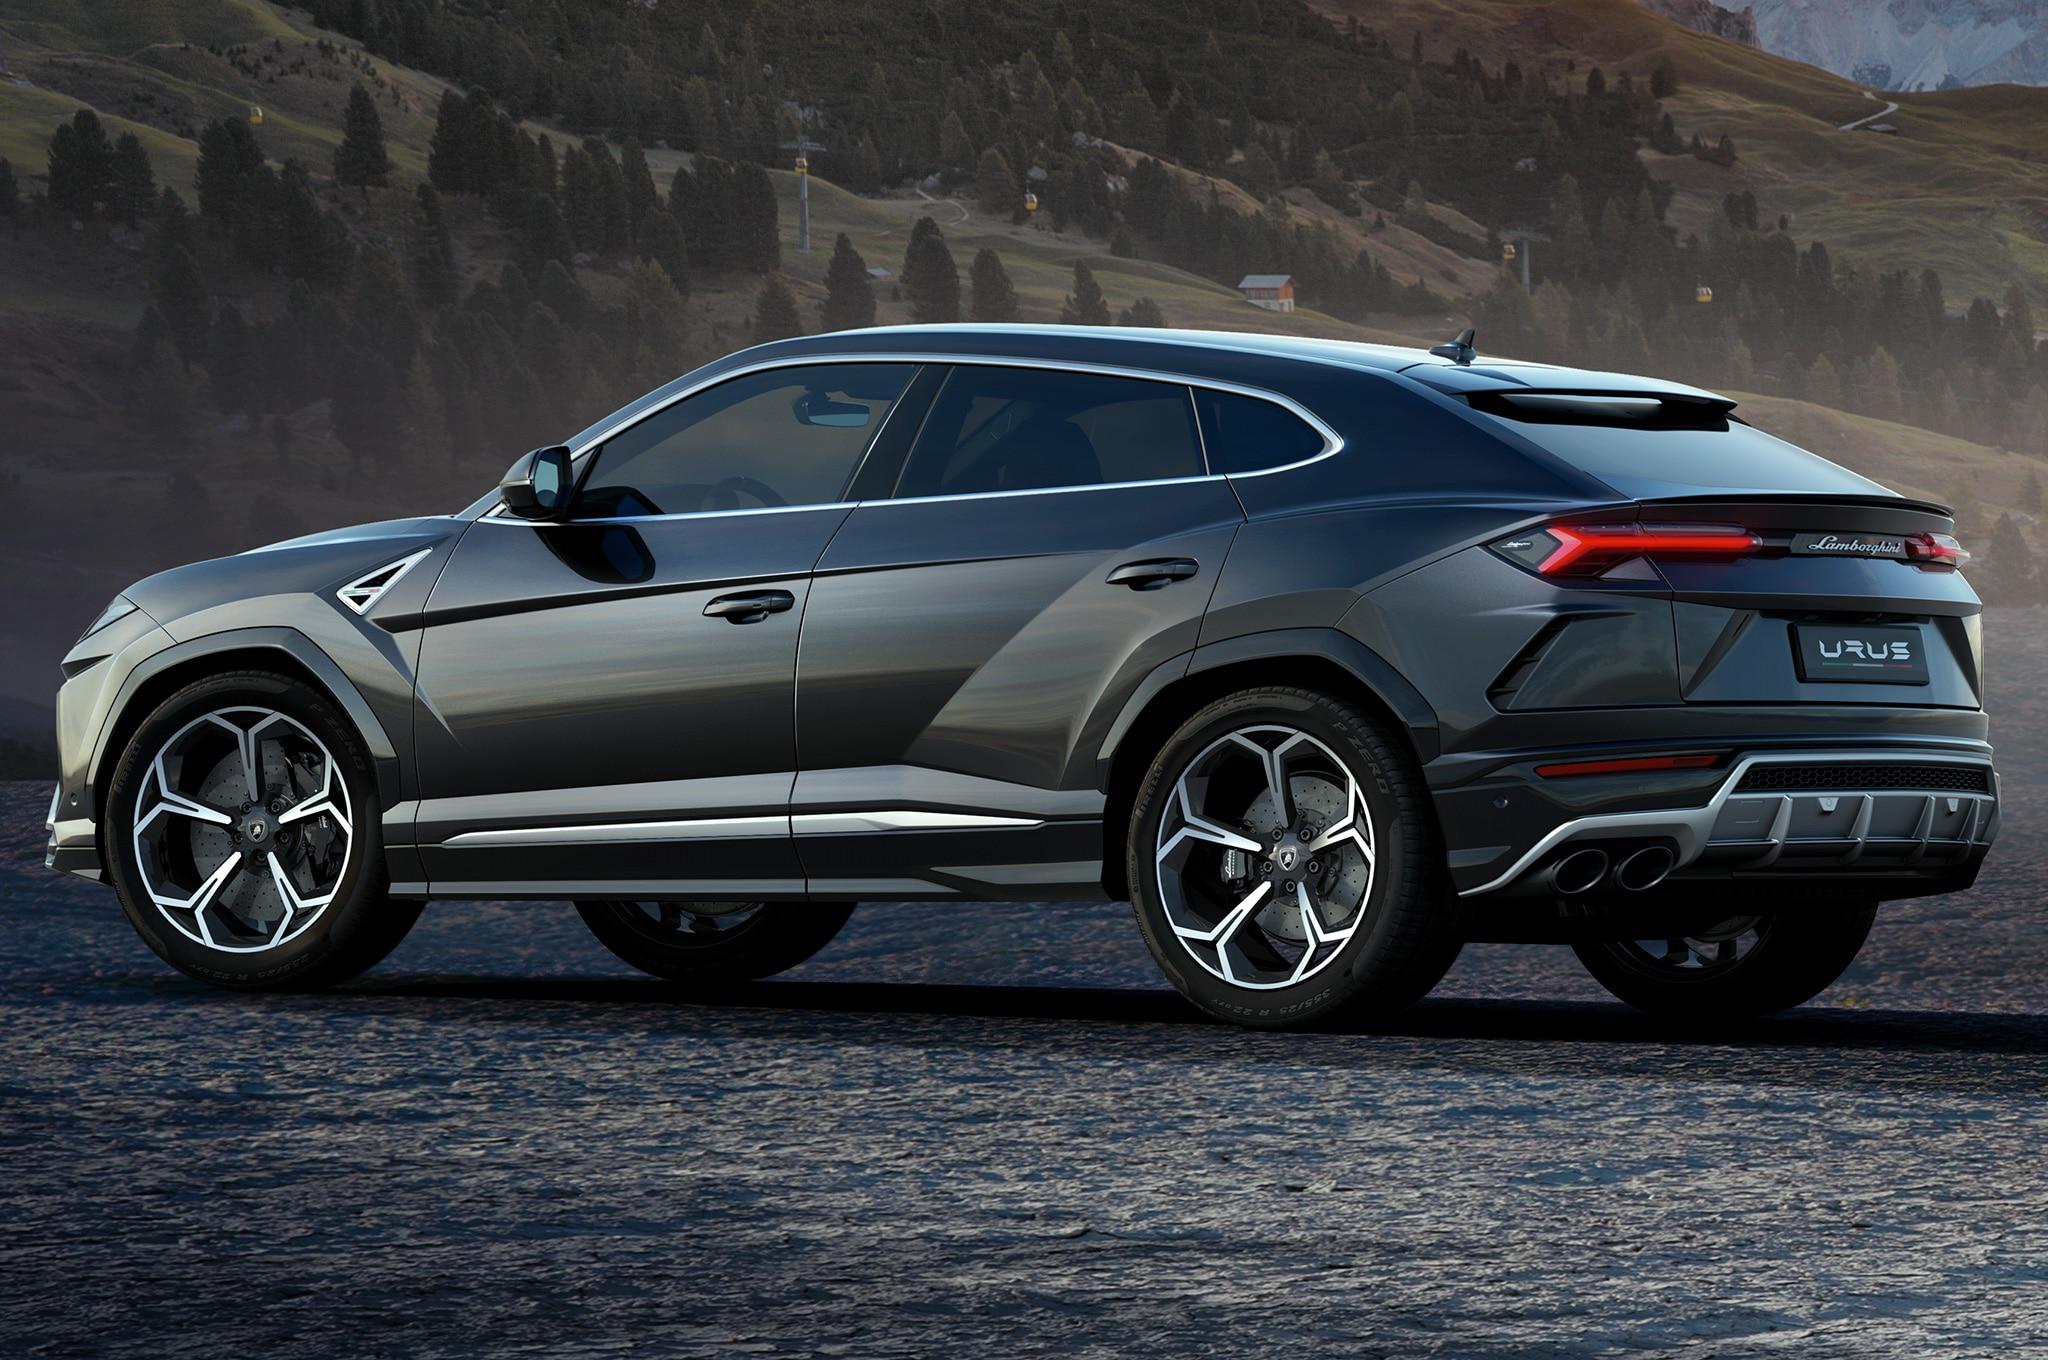 2019-Lamborghini-Urus-rear-side-view-1.jpg